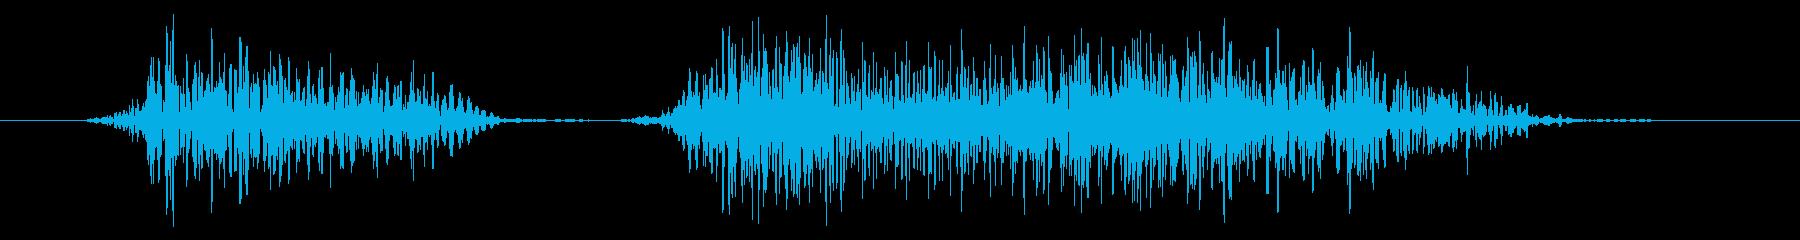 ゴリラ モンスター ダメージ 中の再生済みの波形